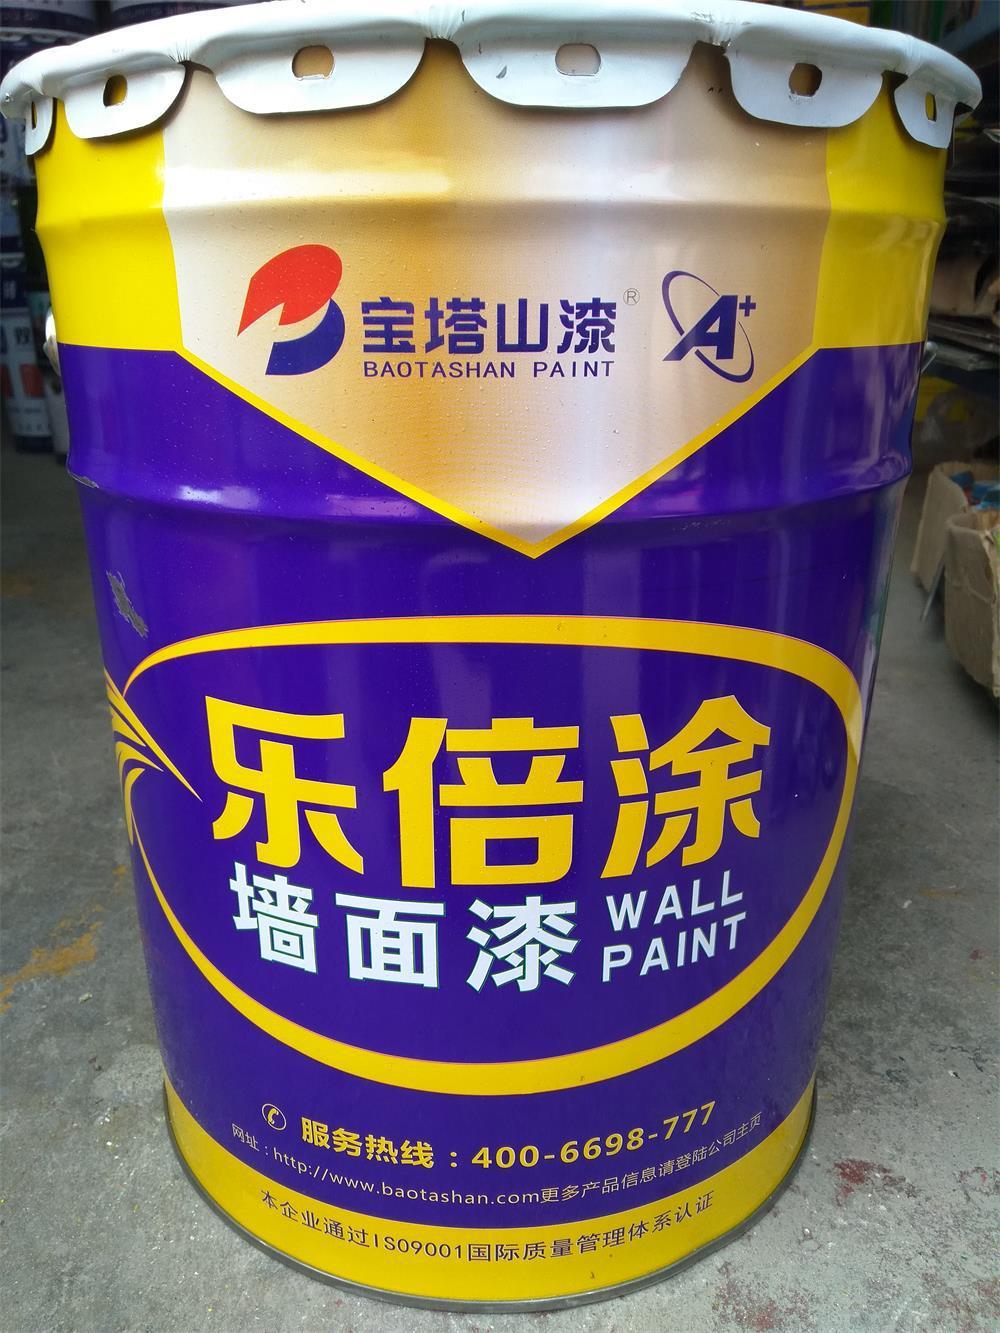 宝塔山漆乳胶漆工程墙面漆白色内墙乳胶漆墙漆油漆